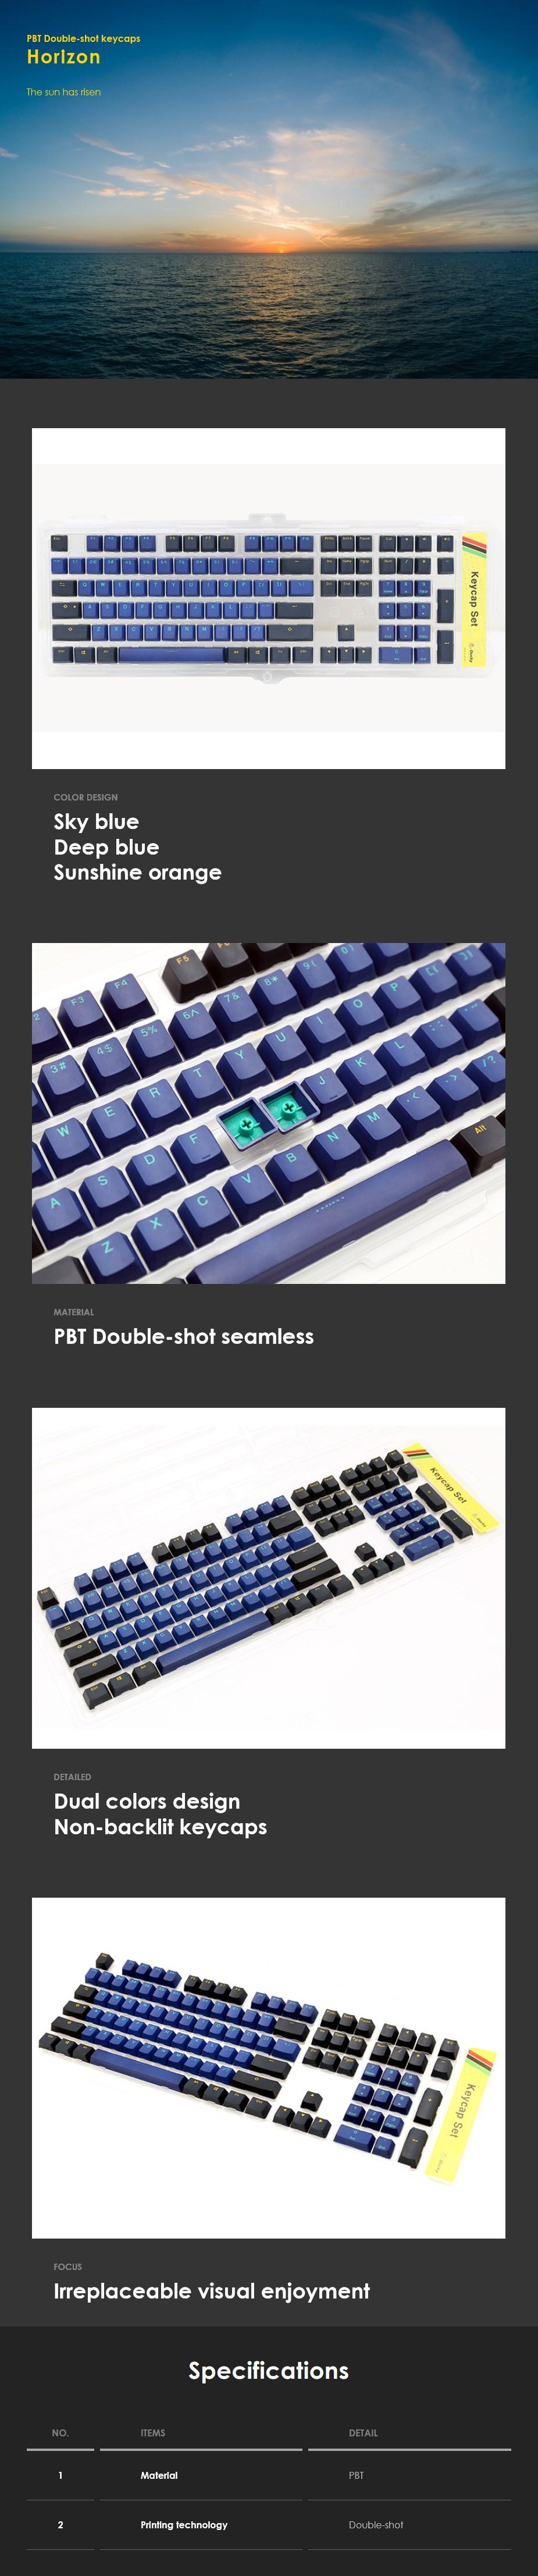 Ducky PBT Doubleshot 108-Key Keycap Set - Horizon - Overview 1